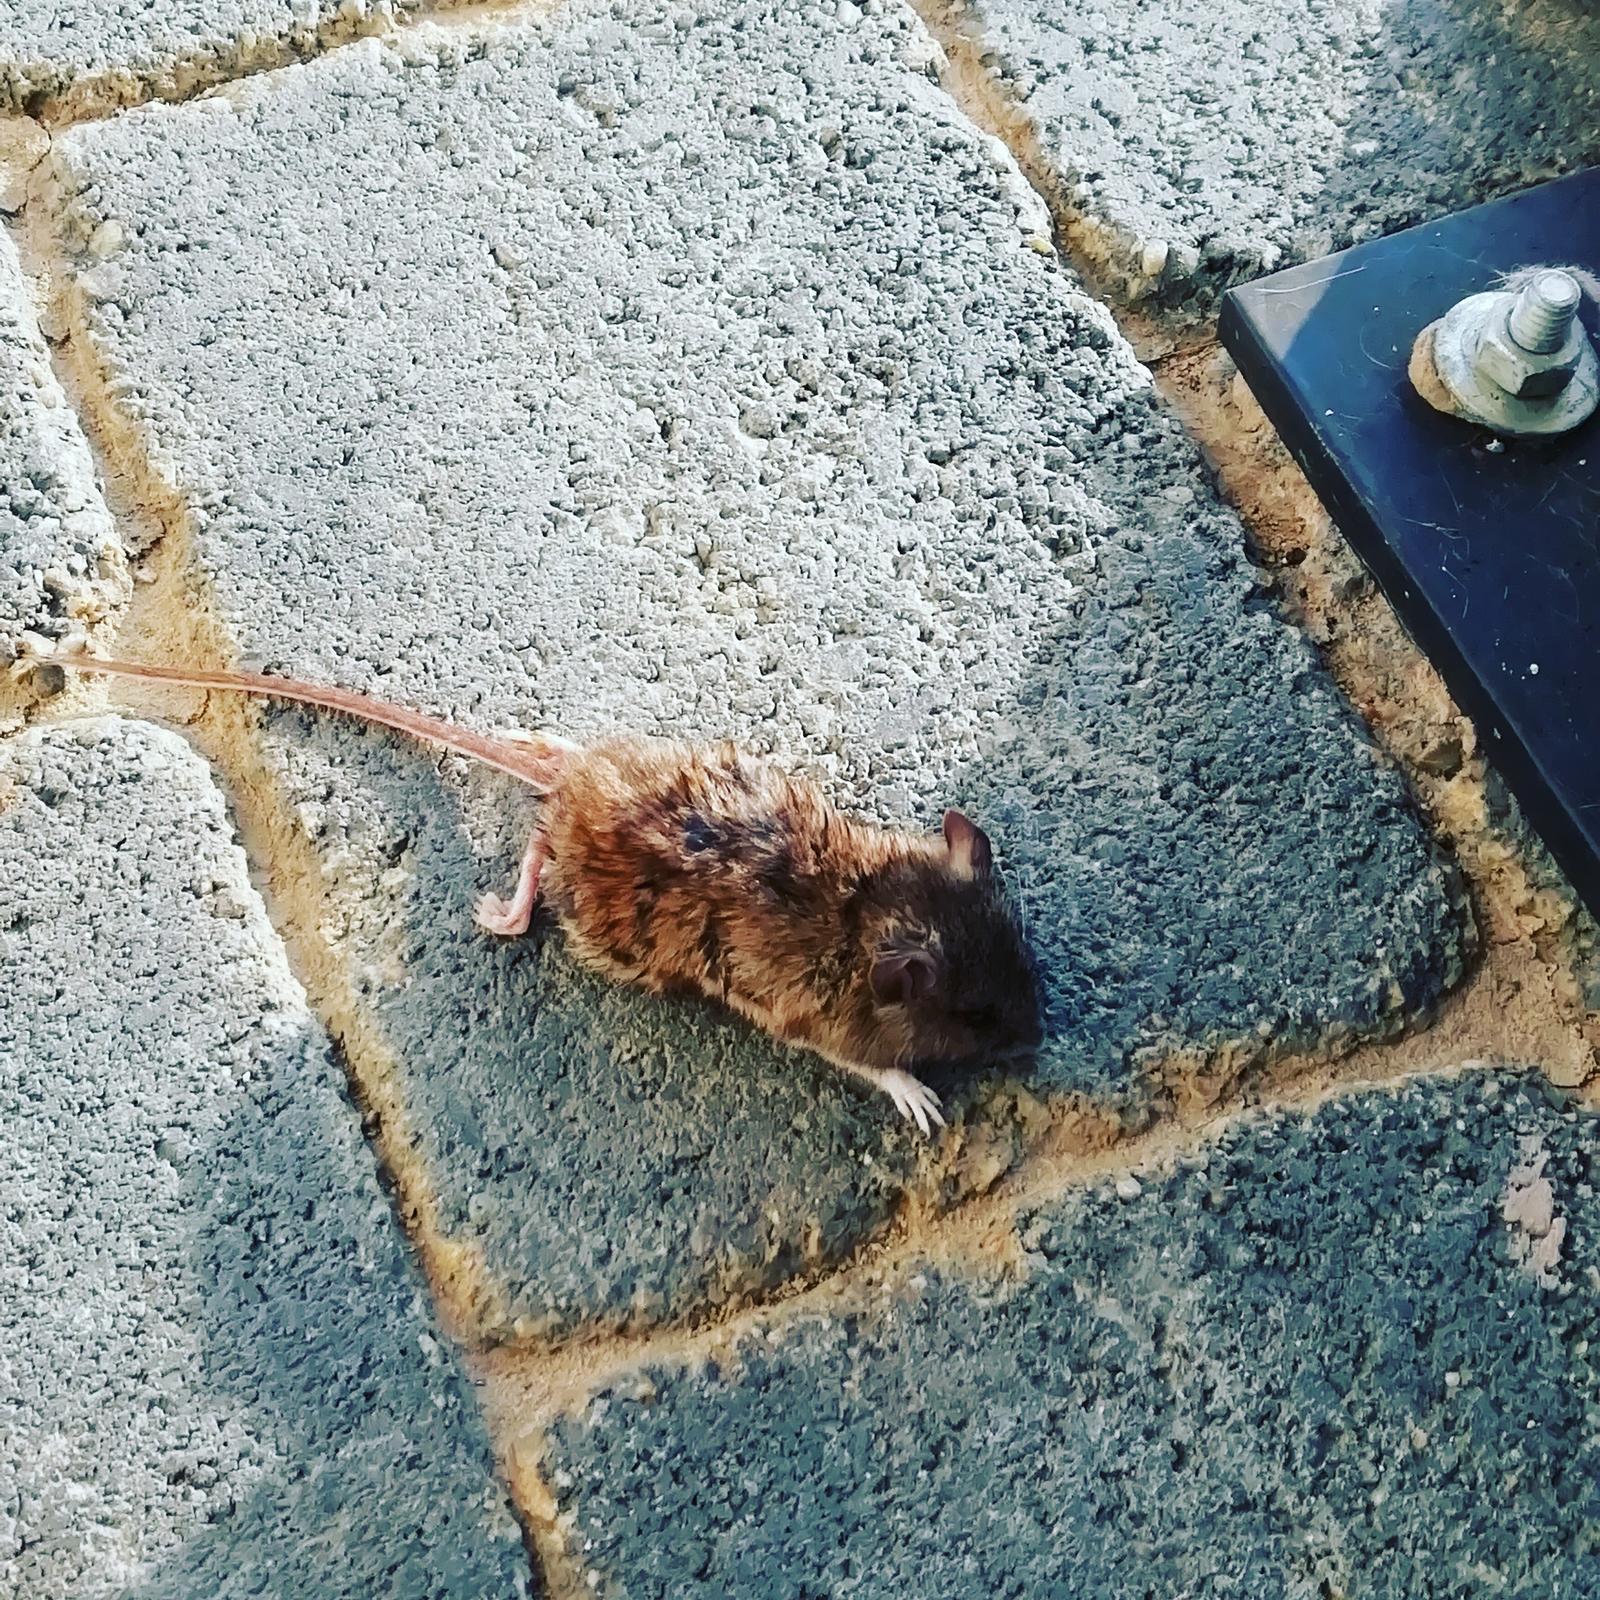 Záhradka 2019/20 bývame 4 a 5 rok :-) - Dnes doniesli kocúrikovia prvú myš takže jar naozaj začína ☀️🐈🌲🌿🍀